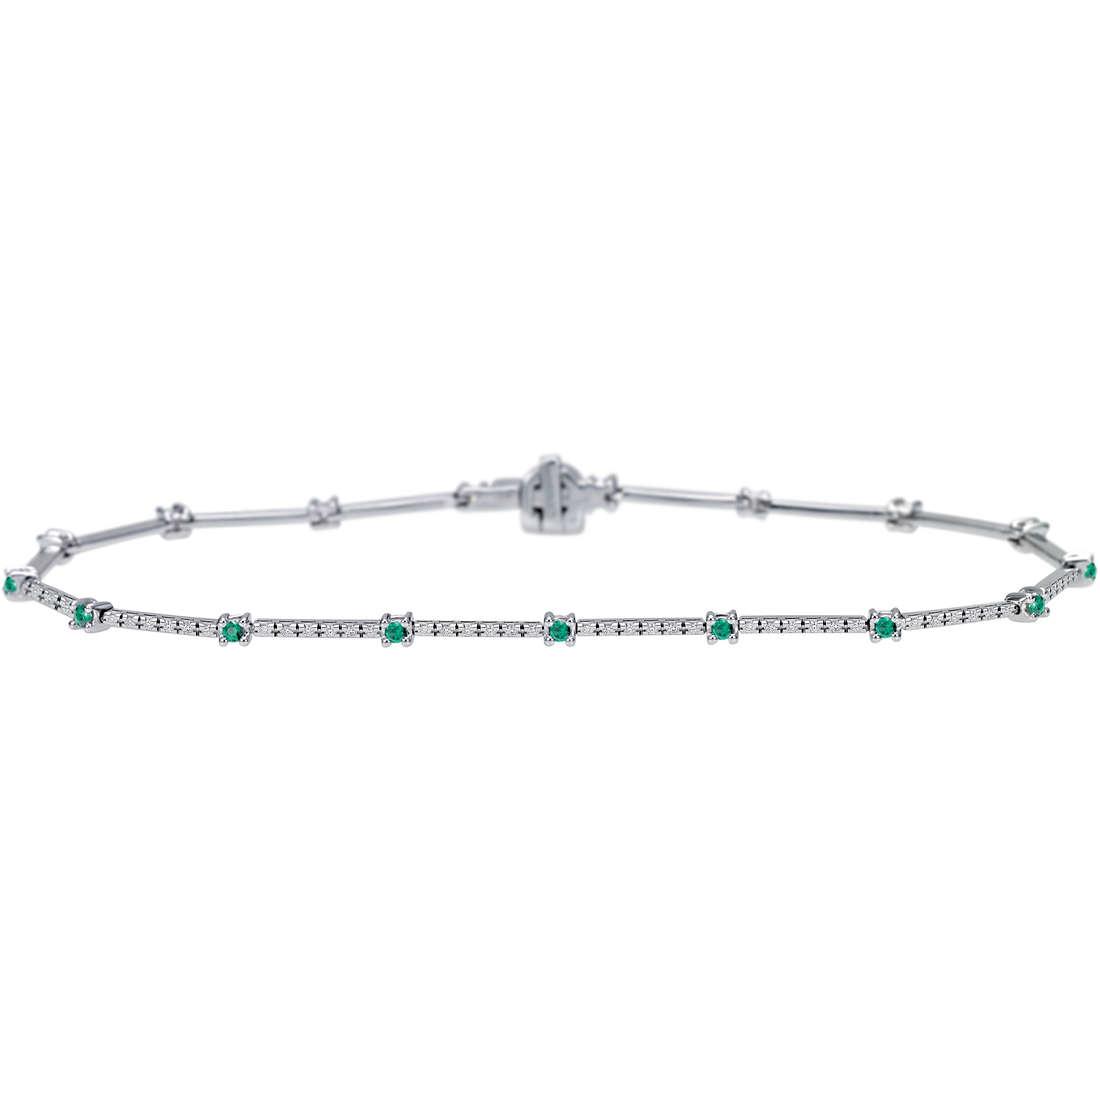 bracelet woman jewellery Bliss Via Lattea 20043997